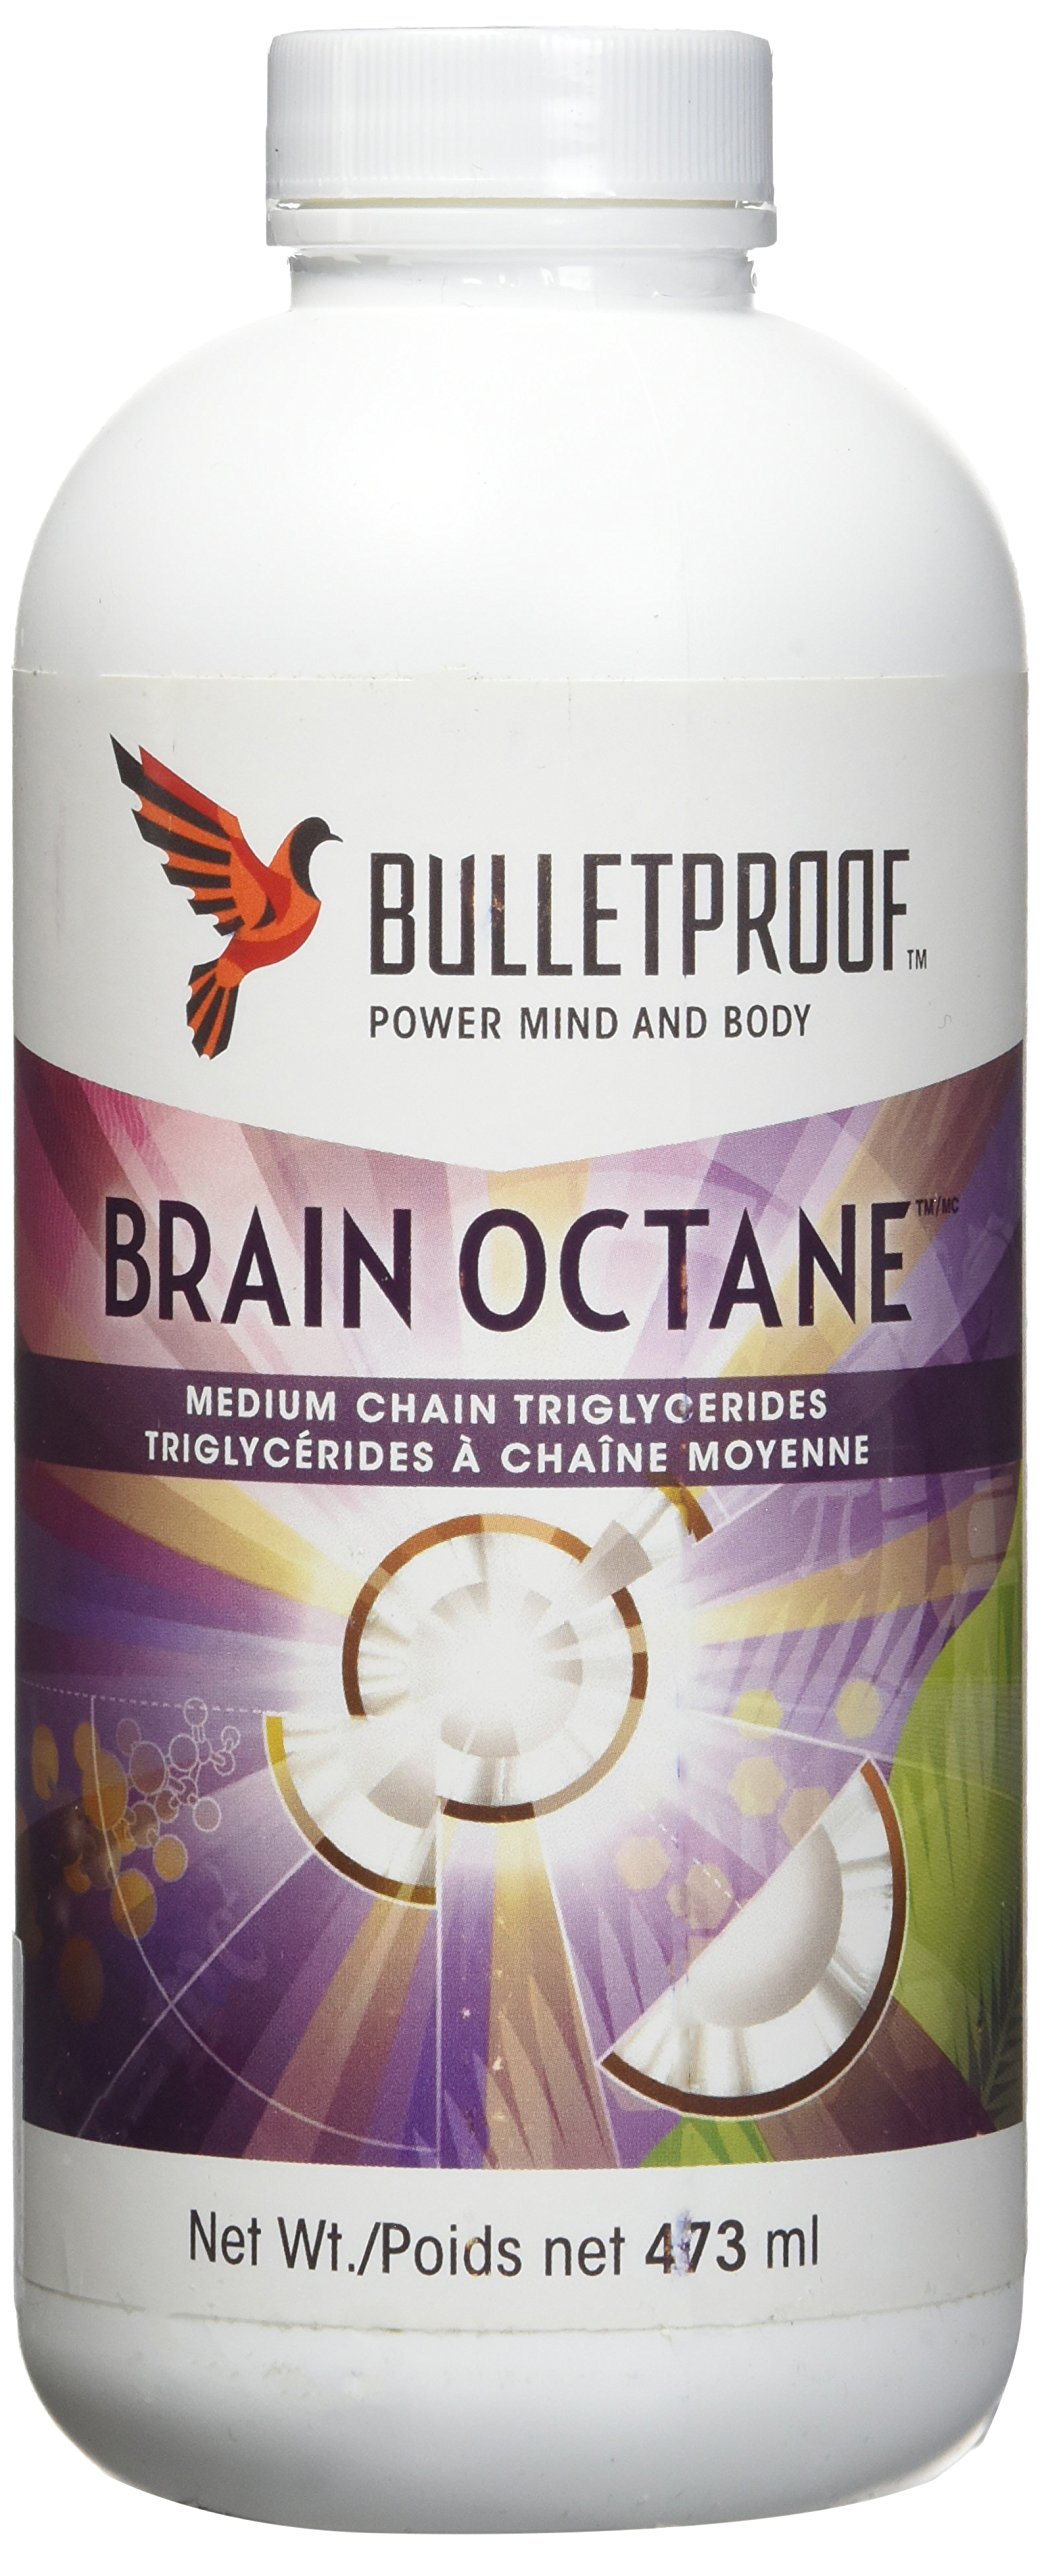 Brain Octane Bulletproof 16oz=480mL Brand: Bulletproof